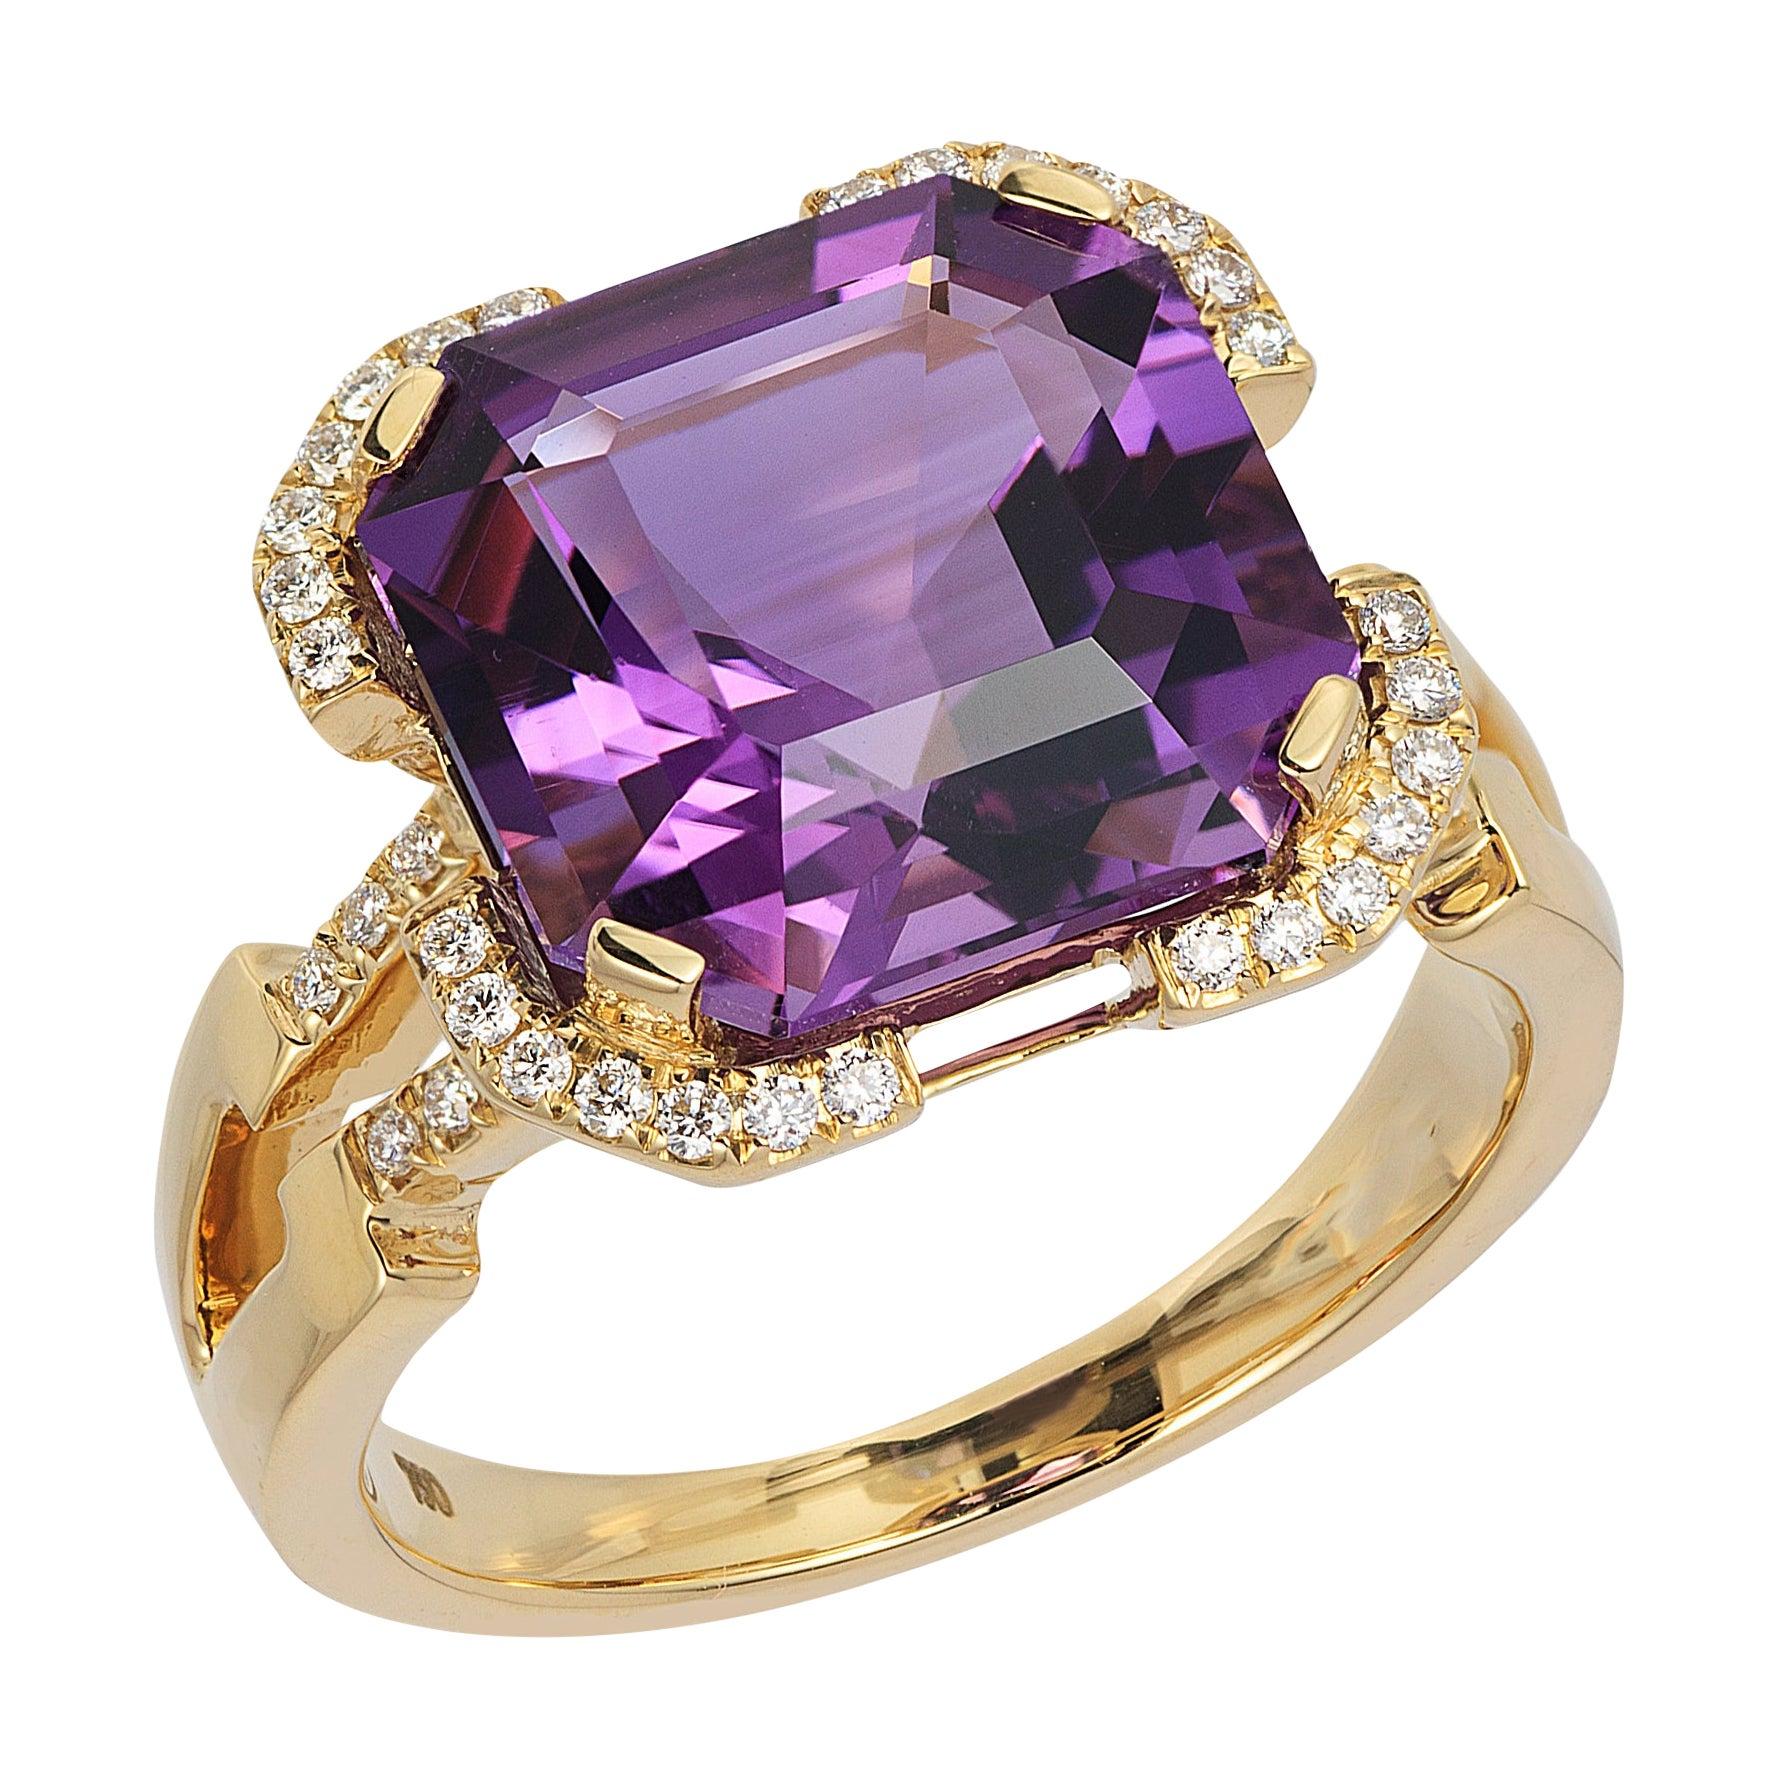 Goshwara Emerald Cut Amethyst And Diamond Ring